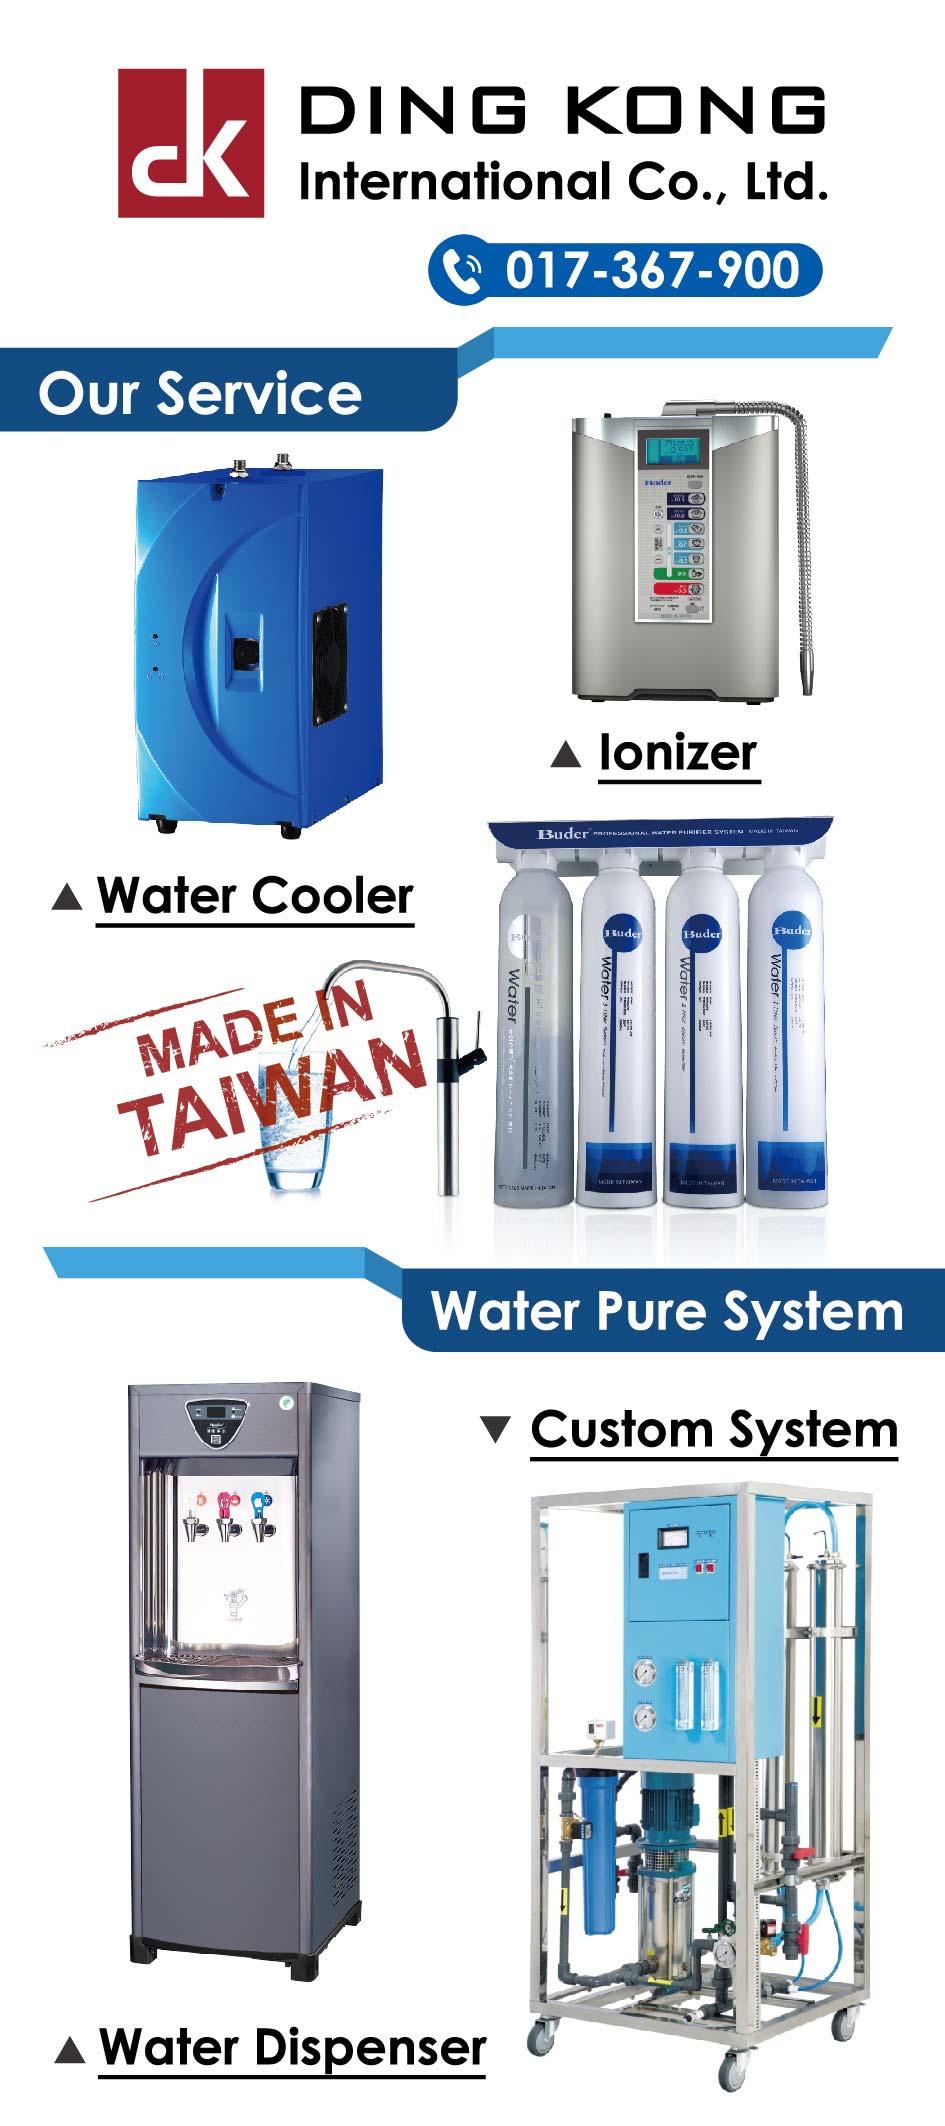 台灣製造淨水器、RO機、飲水機及商用工廠用淨水設備